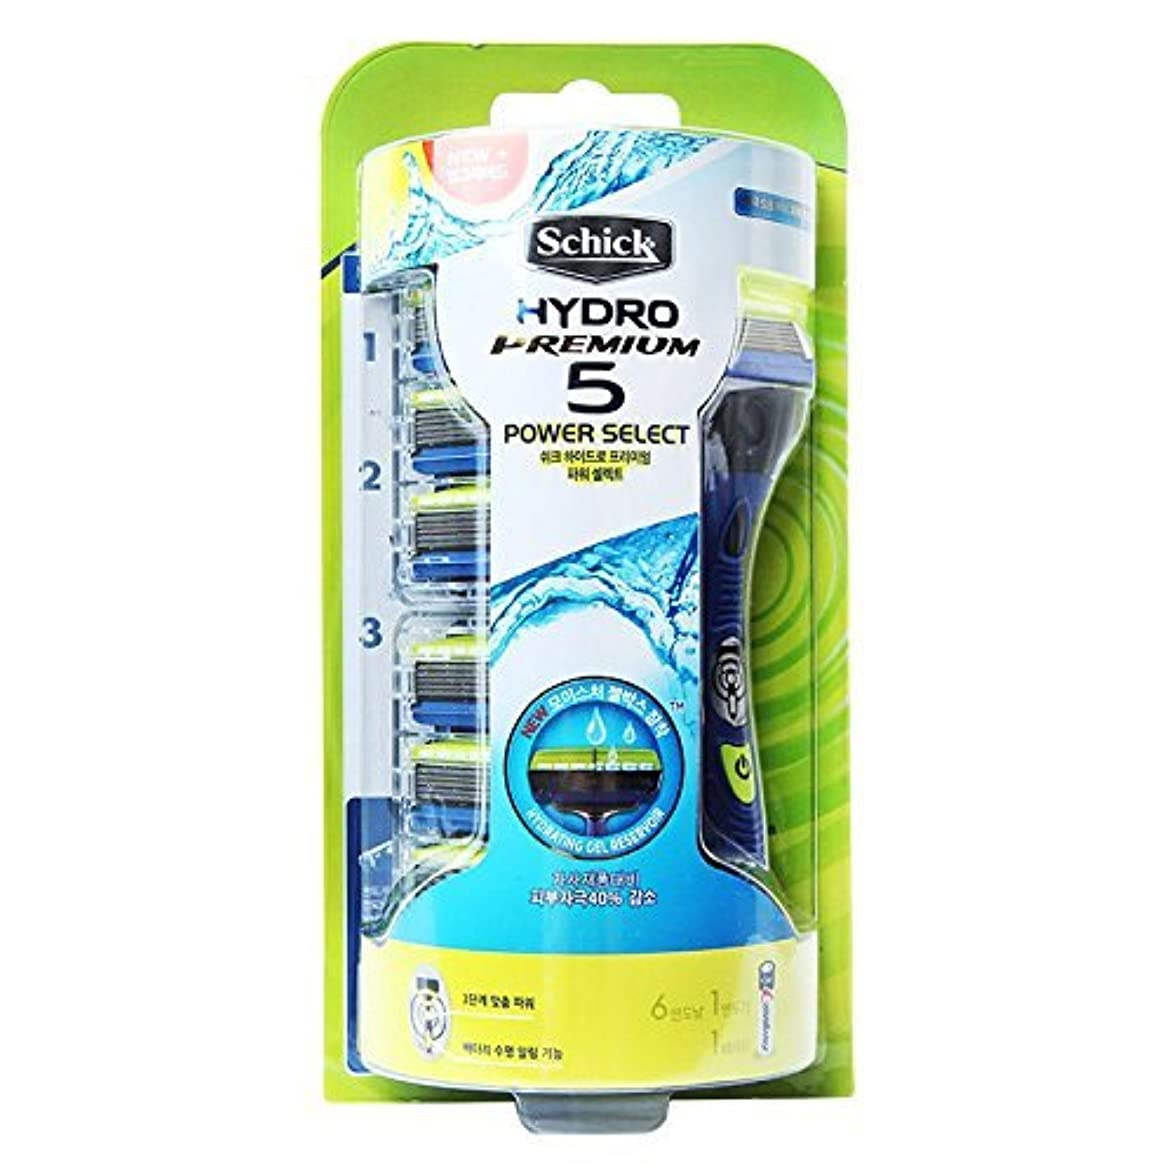 に慣れ市場教育するSchick HYDRO 5 Premium Power Select Razor / カミソリの刃6個が含ま [並行輸入品]